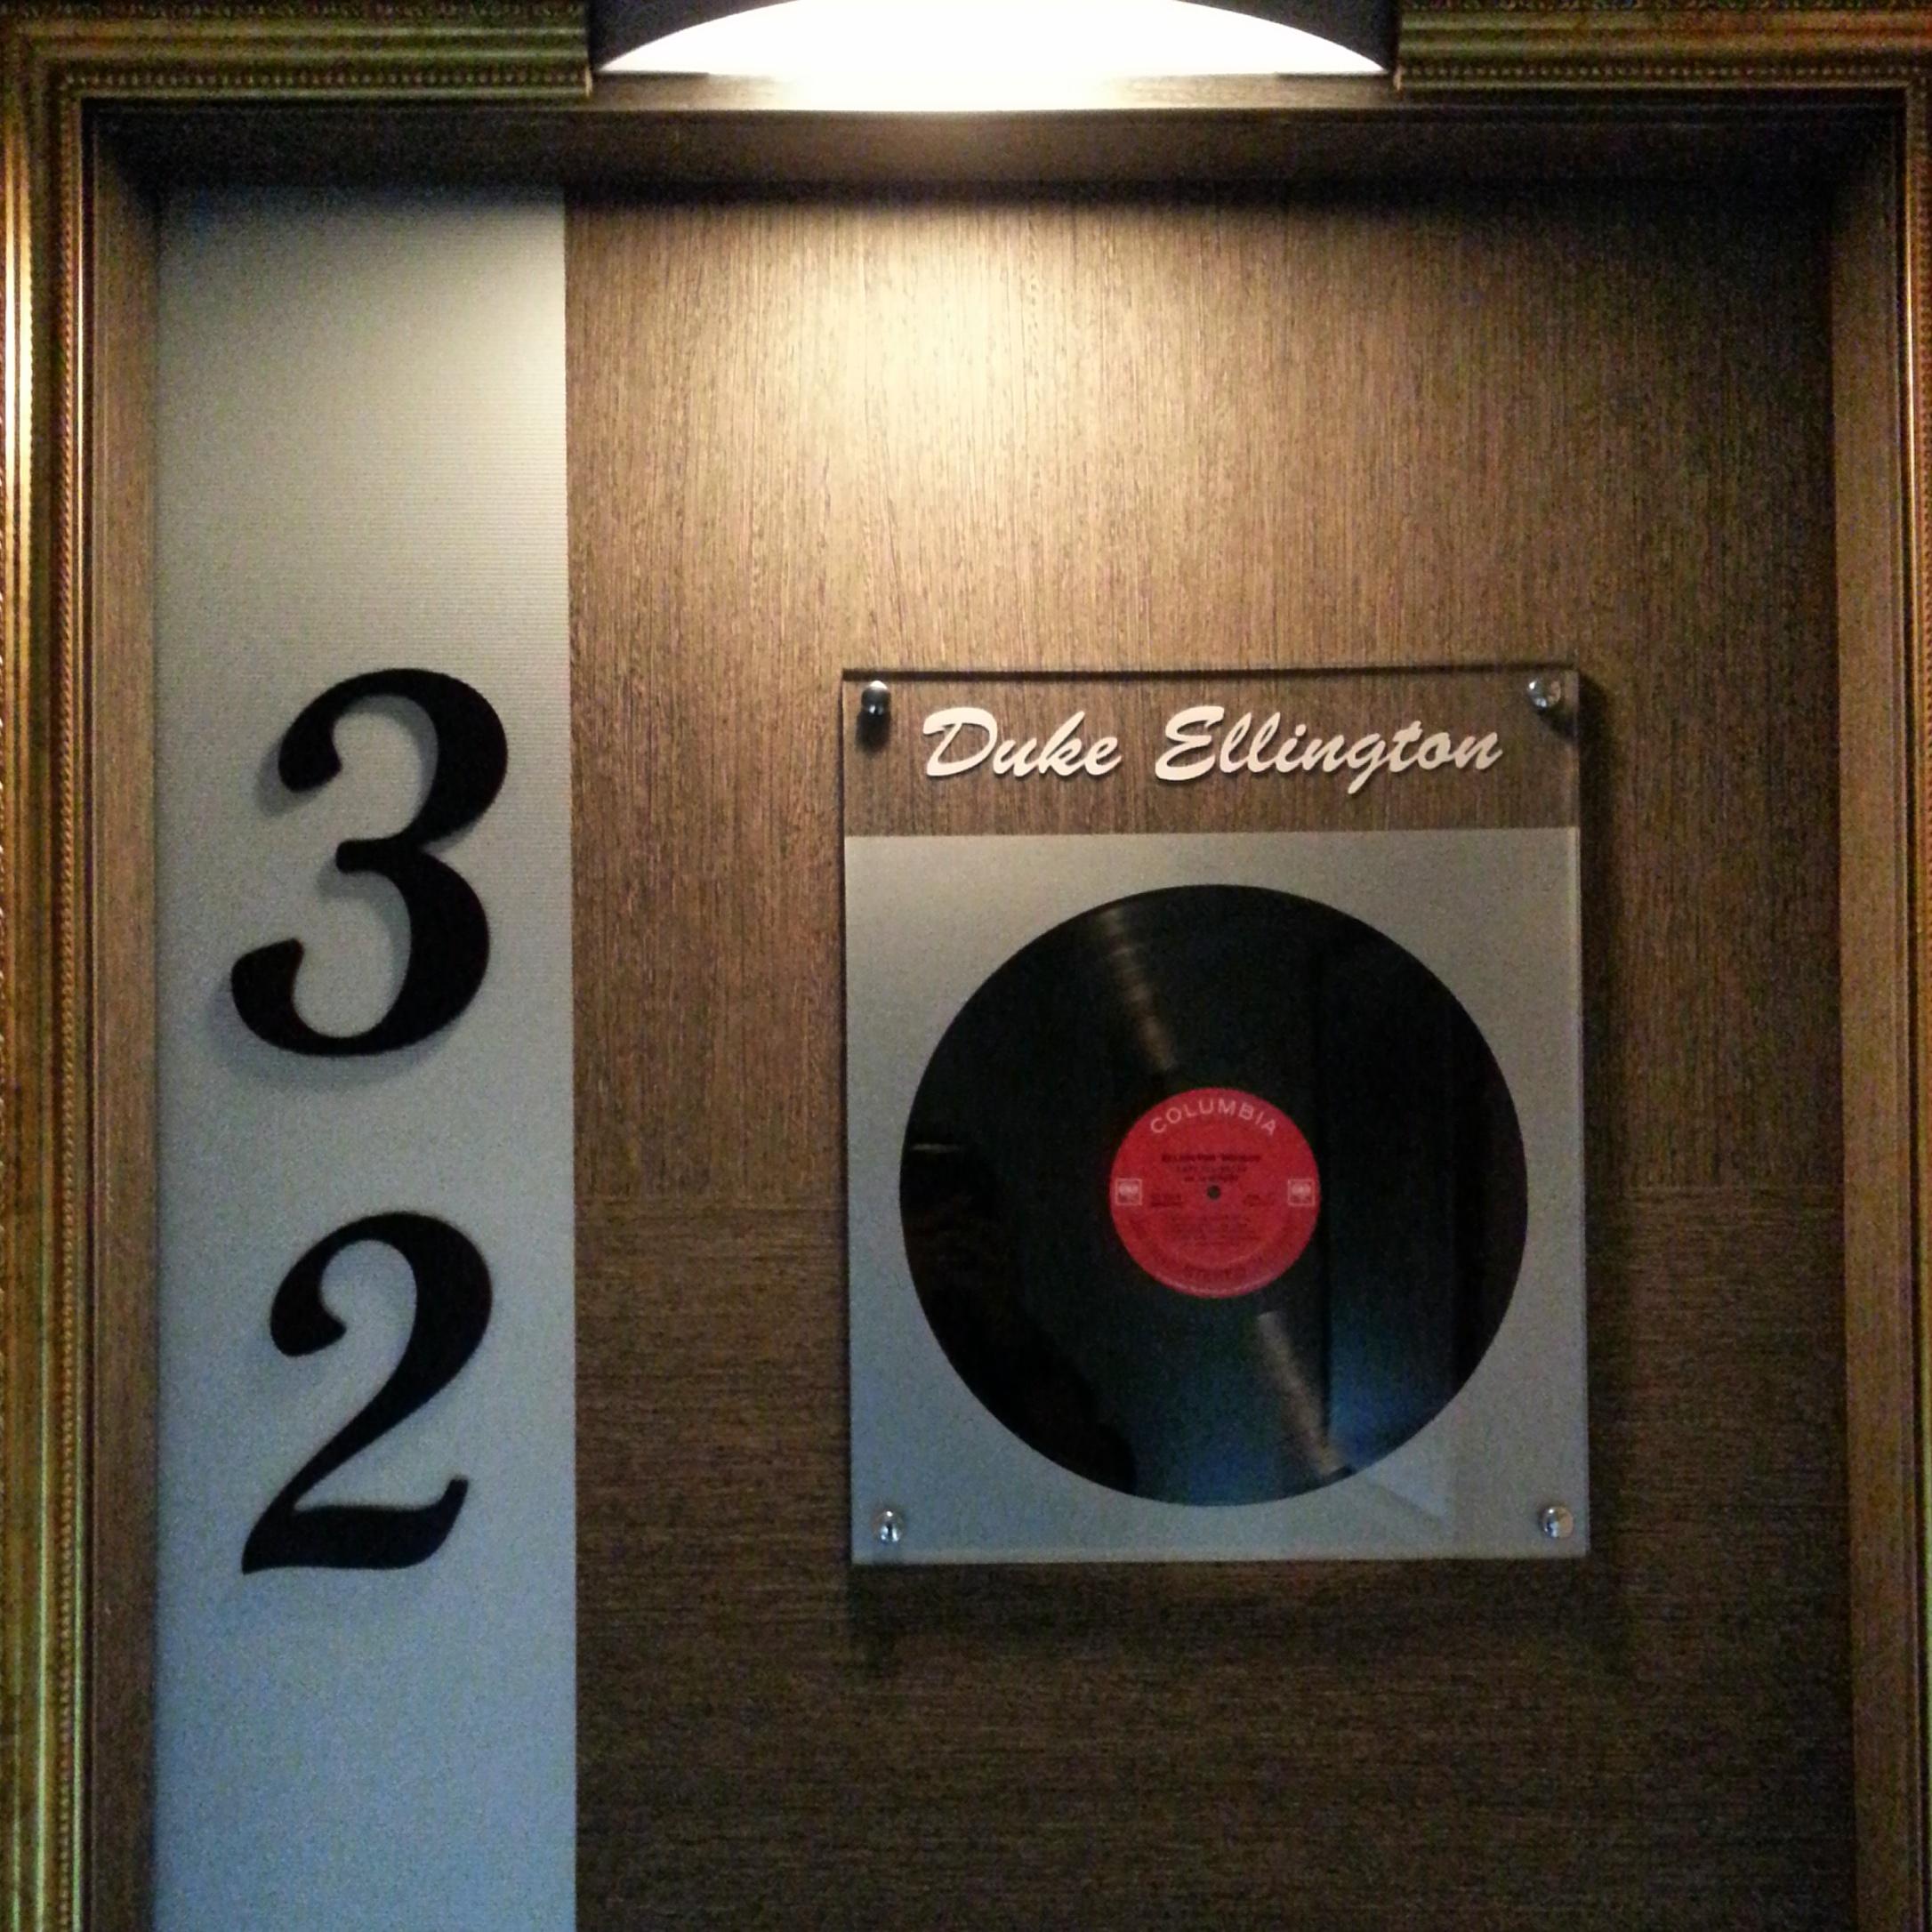 jazz_hotel_istanbul_duke_ellington